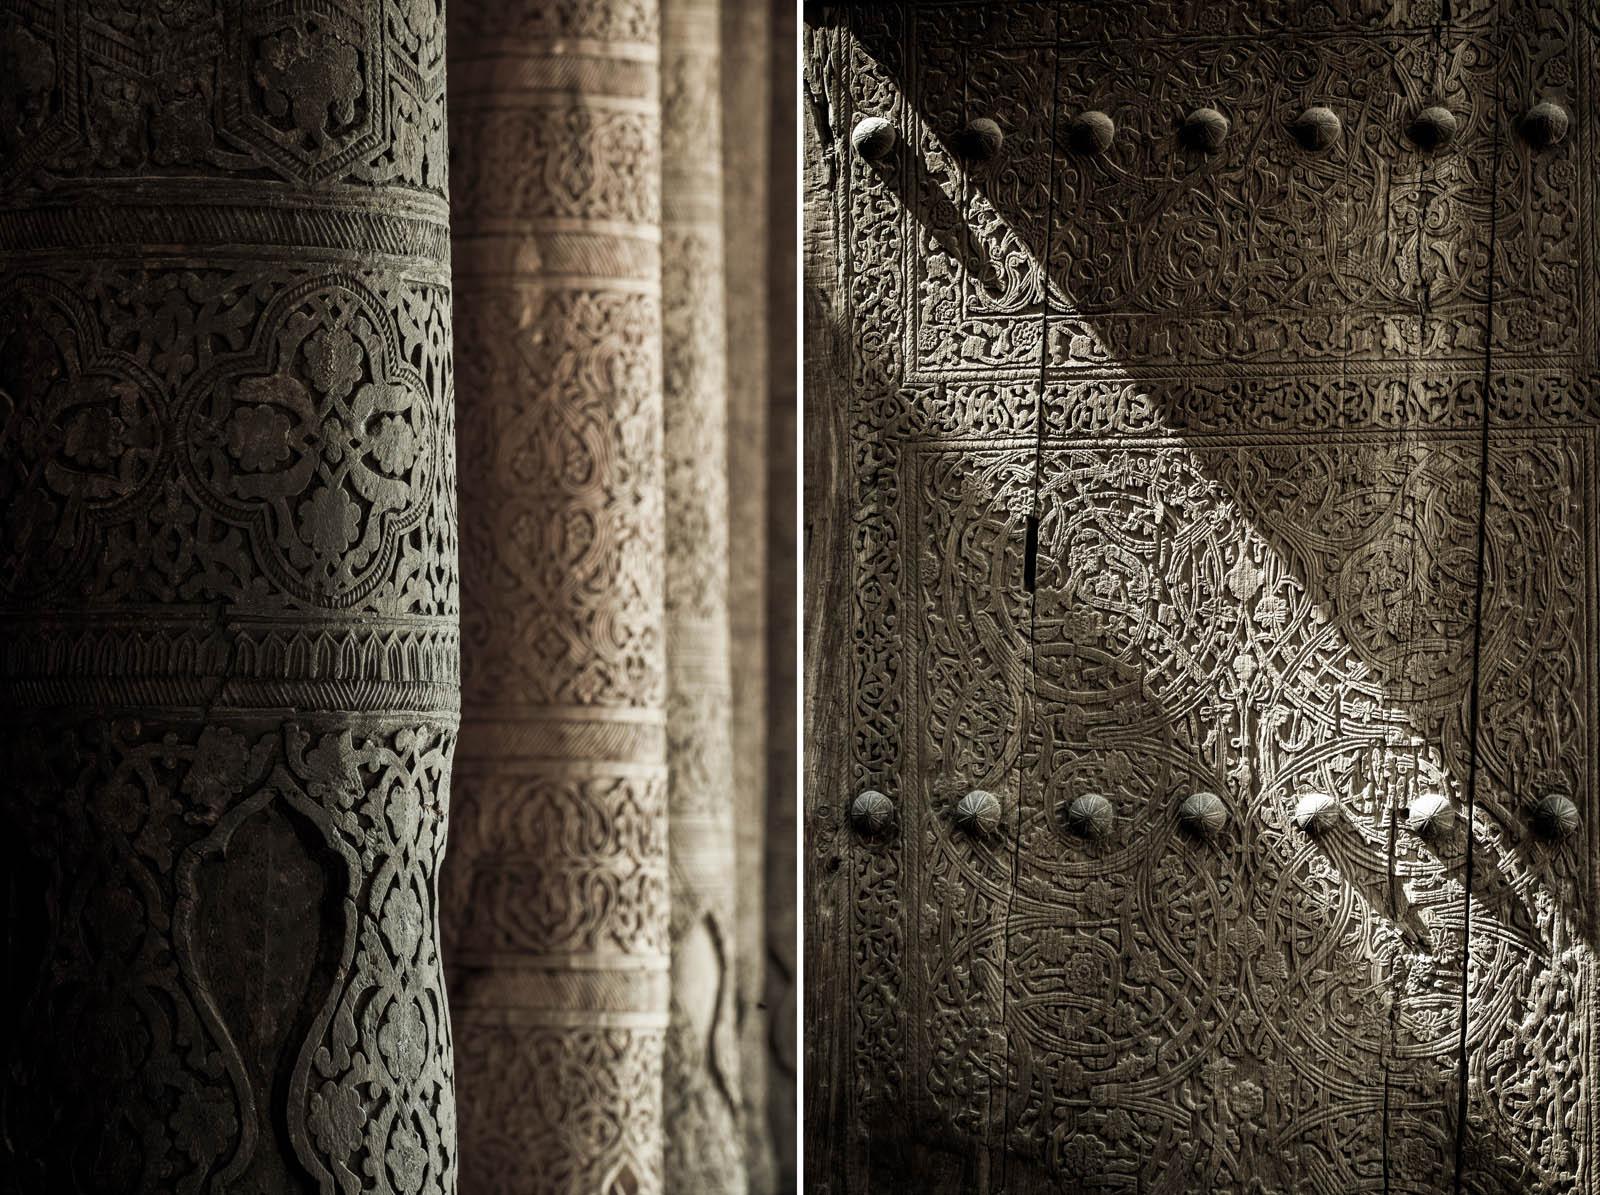 Mezquita Juma, Jiva. De arquitectura árabe, y a diferencia de las otras mezquitas, ésta tiene un techo sostenido por 213 columnas de madera tallada. Foto © Ezequiel Scagnetti.